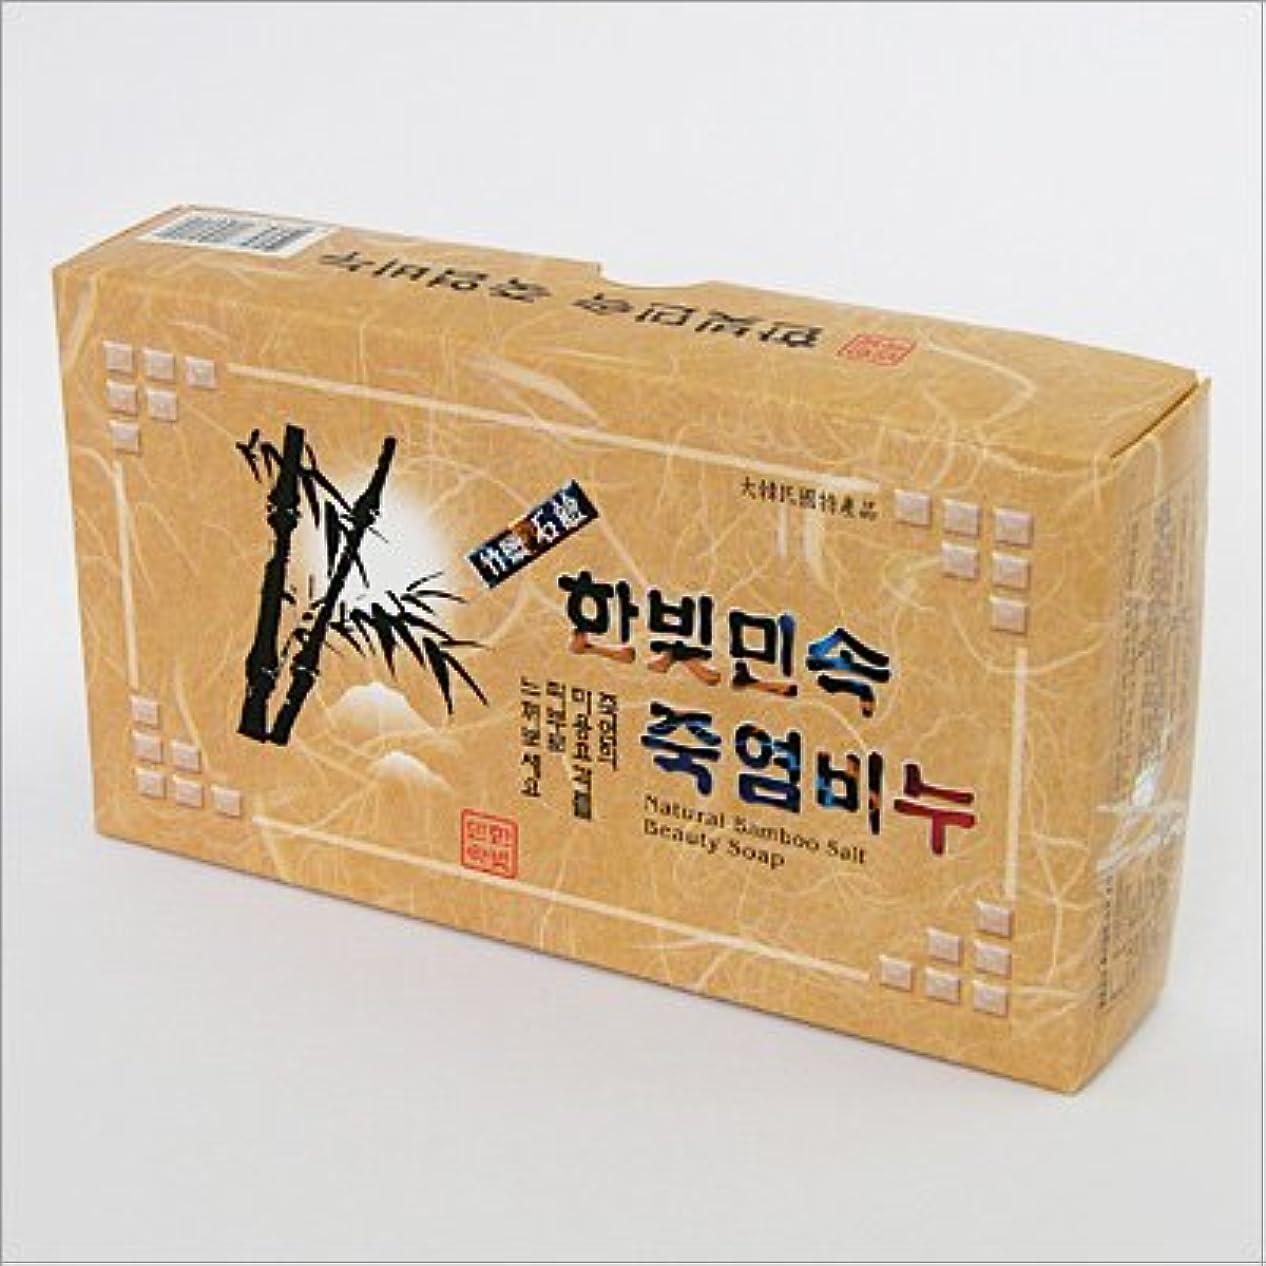 地獄暗記するブラシ(韓国ブランド) 韓国 竹塩石鹸(3個セット)